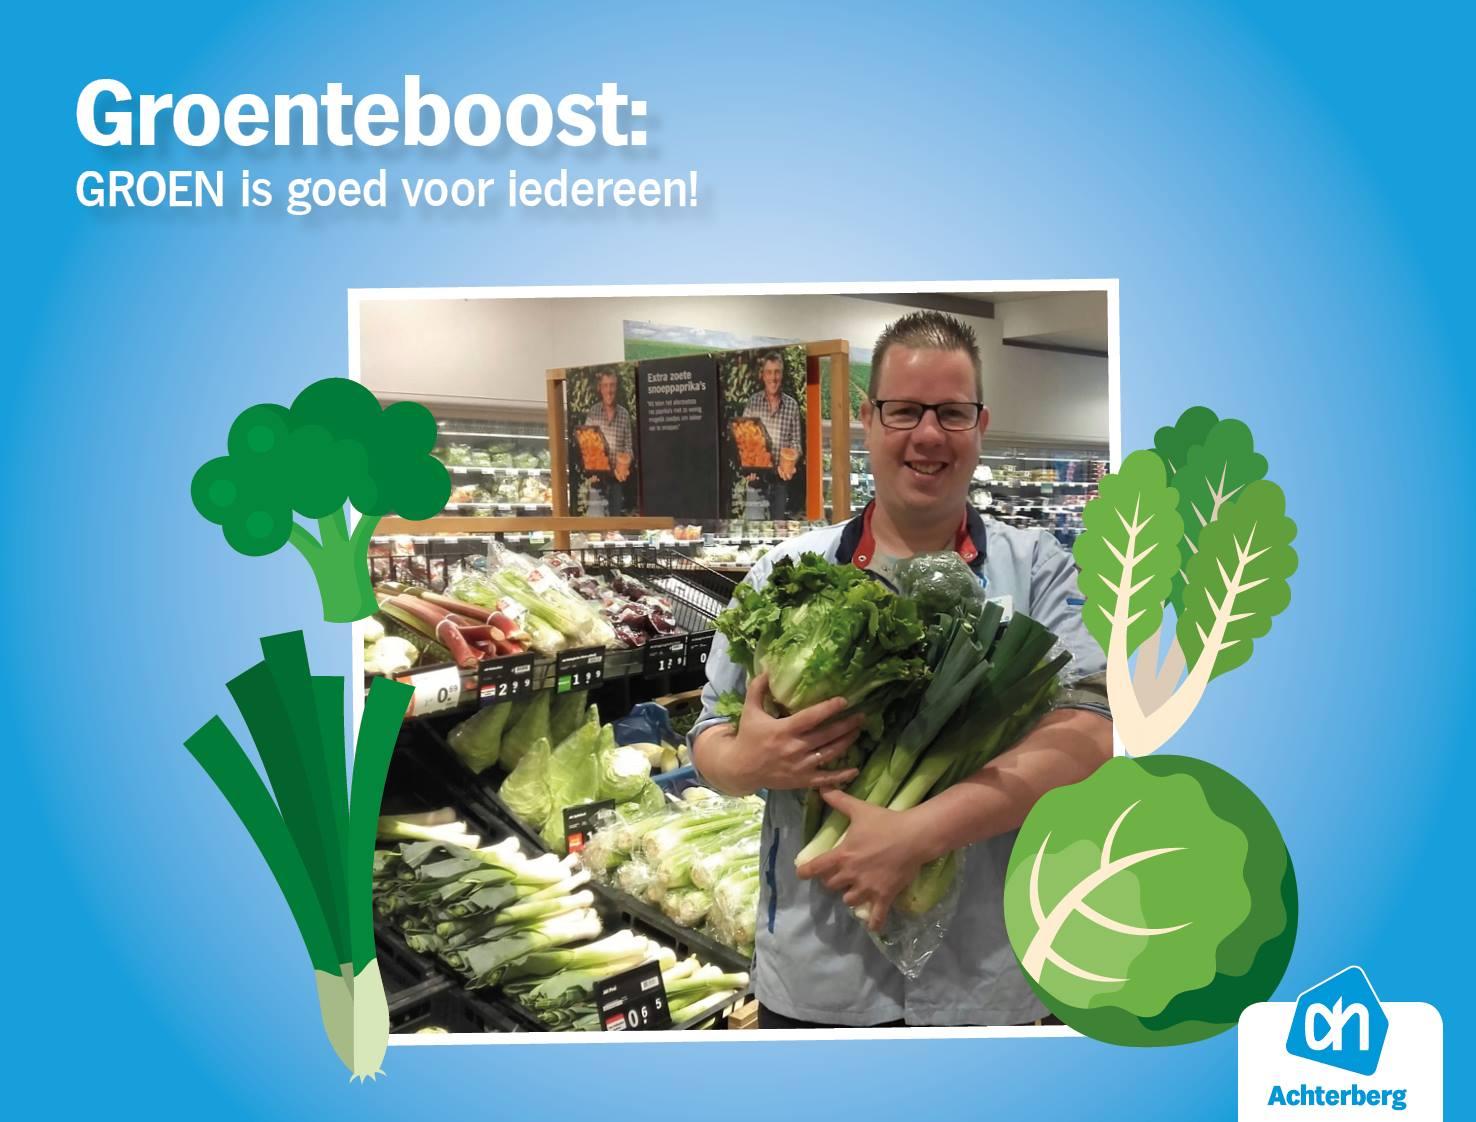 Groenteboost: GROEN is goed voor iedereen!